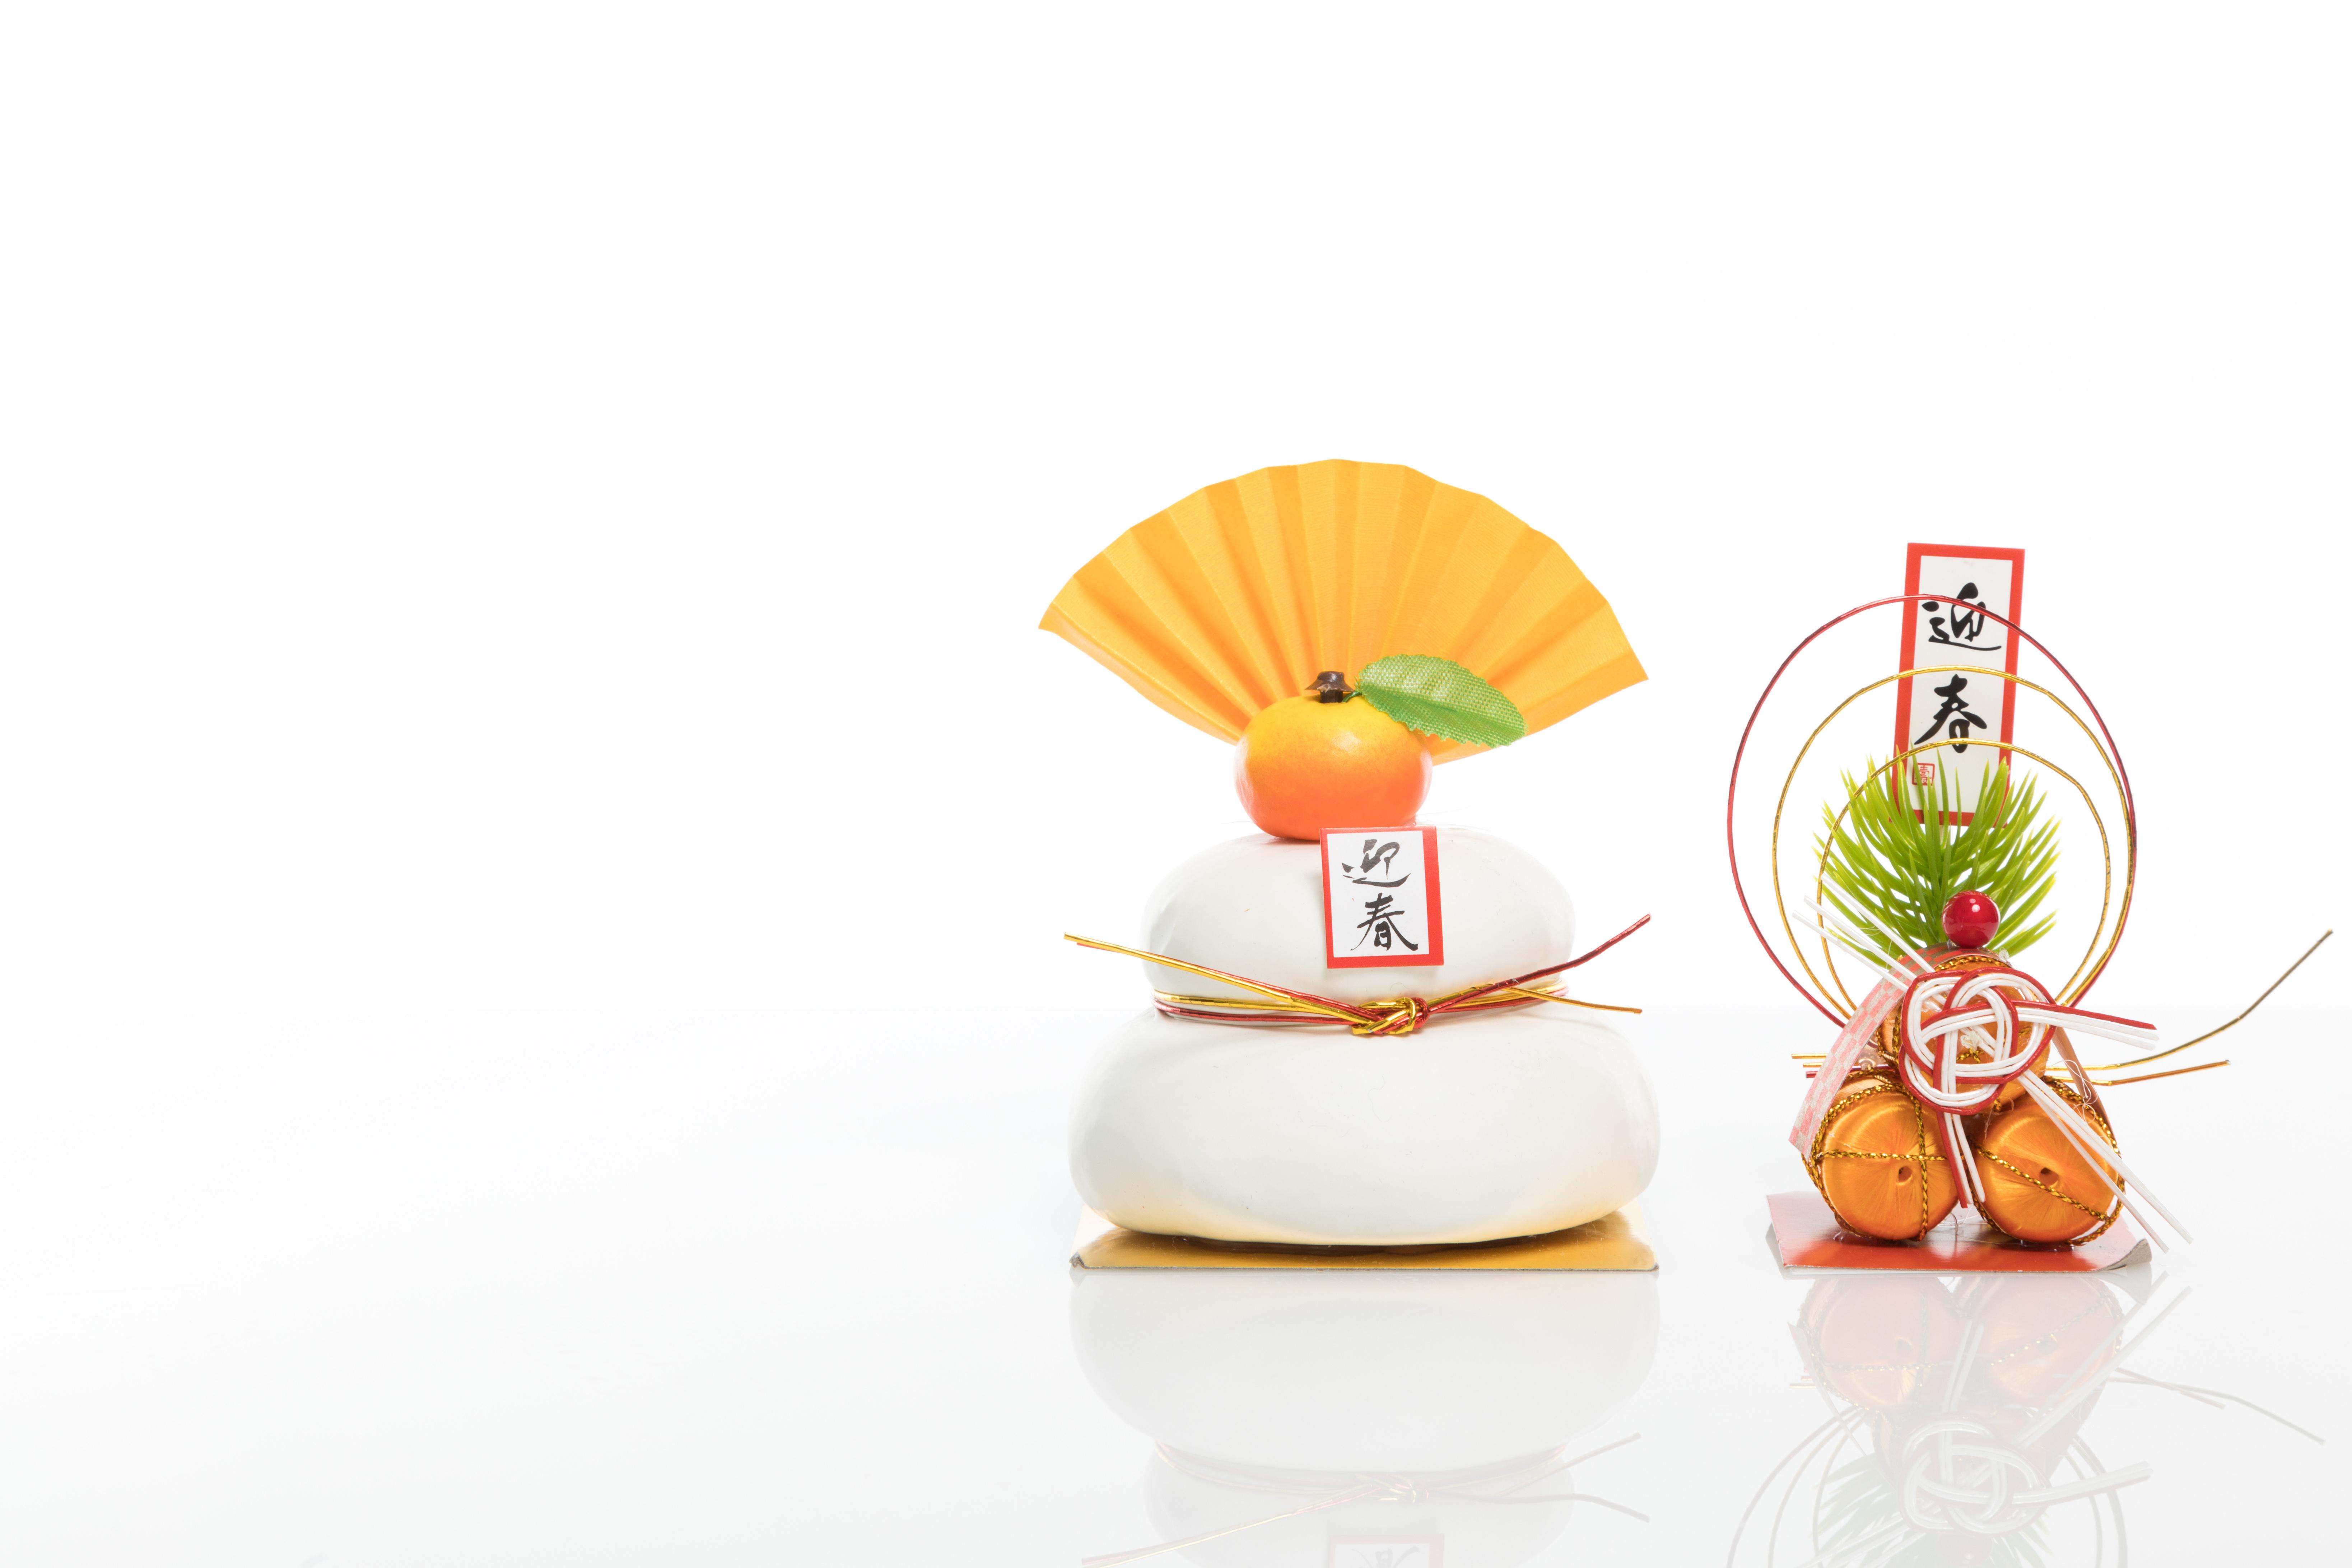 お正月 初詣 鏡餅 人気の写真まとめ 無料の写真素材はフリー素材のぱくたそ